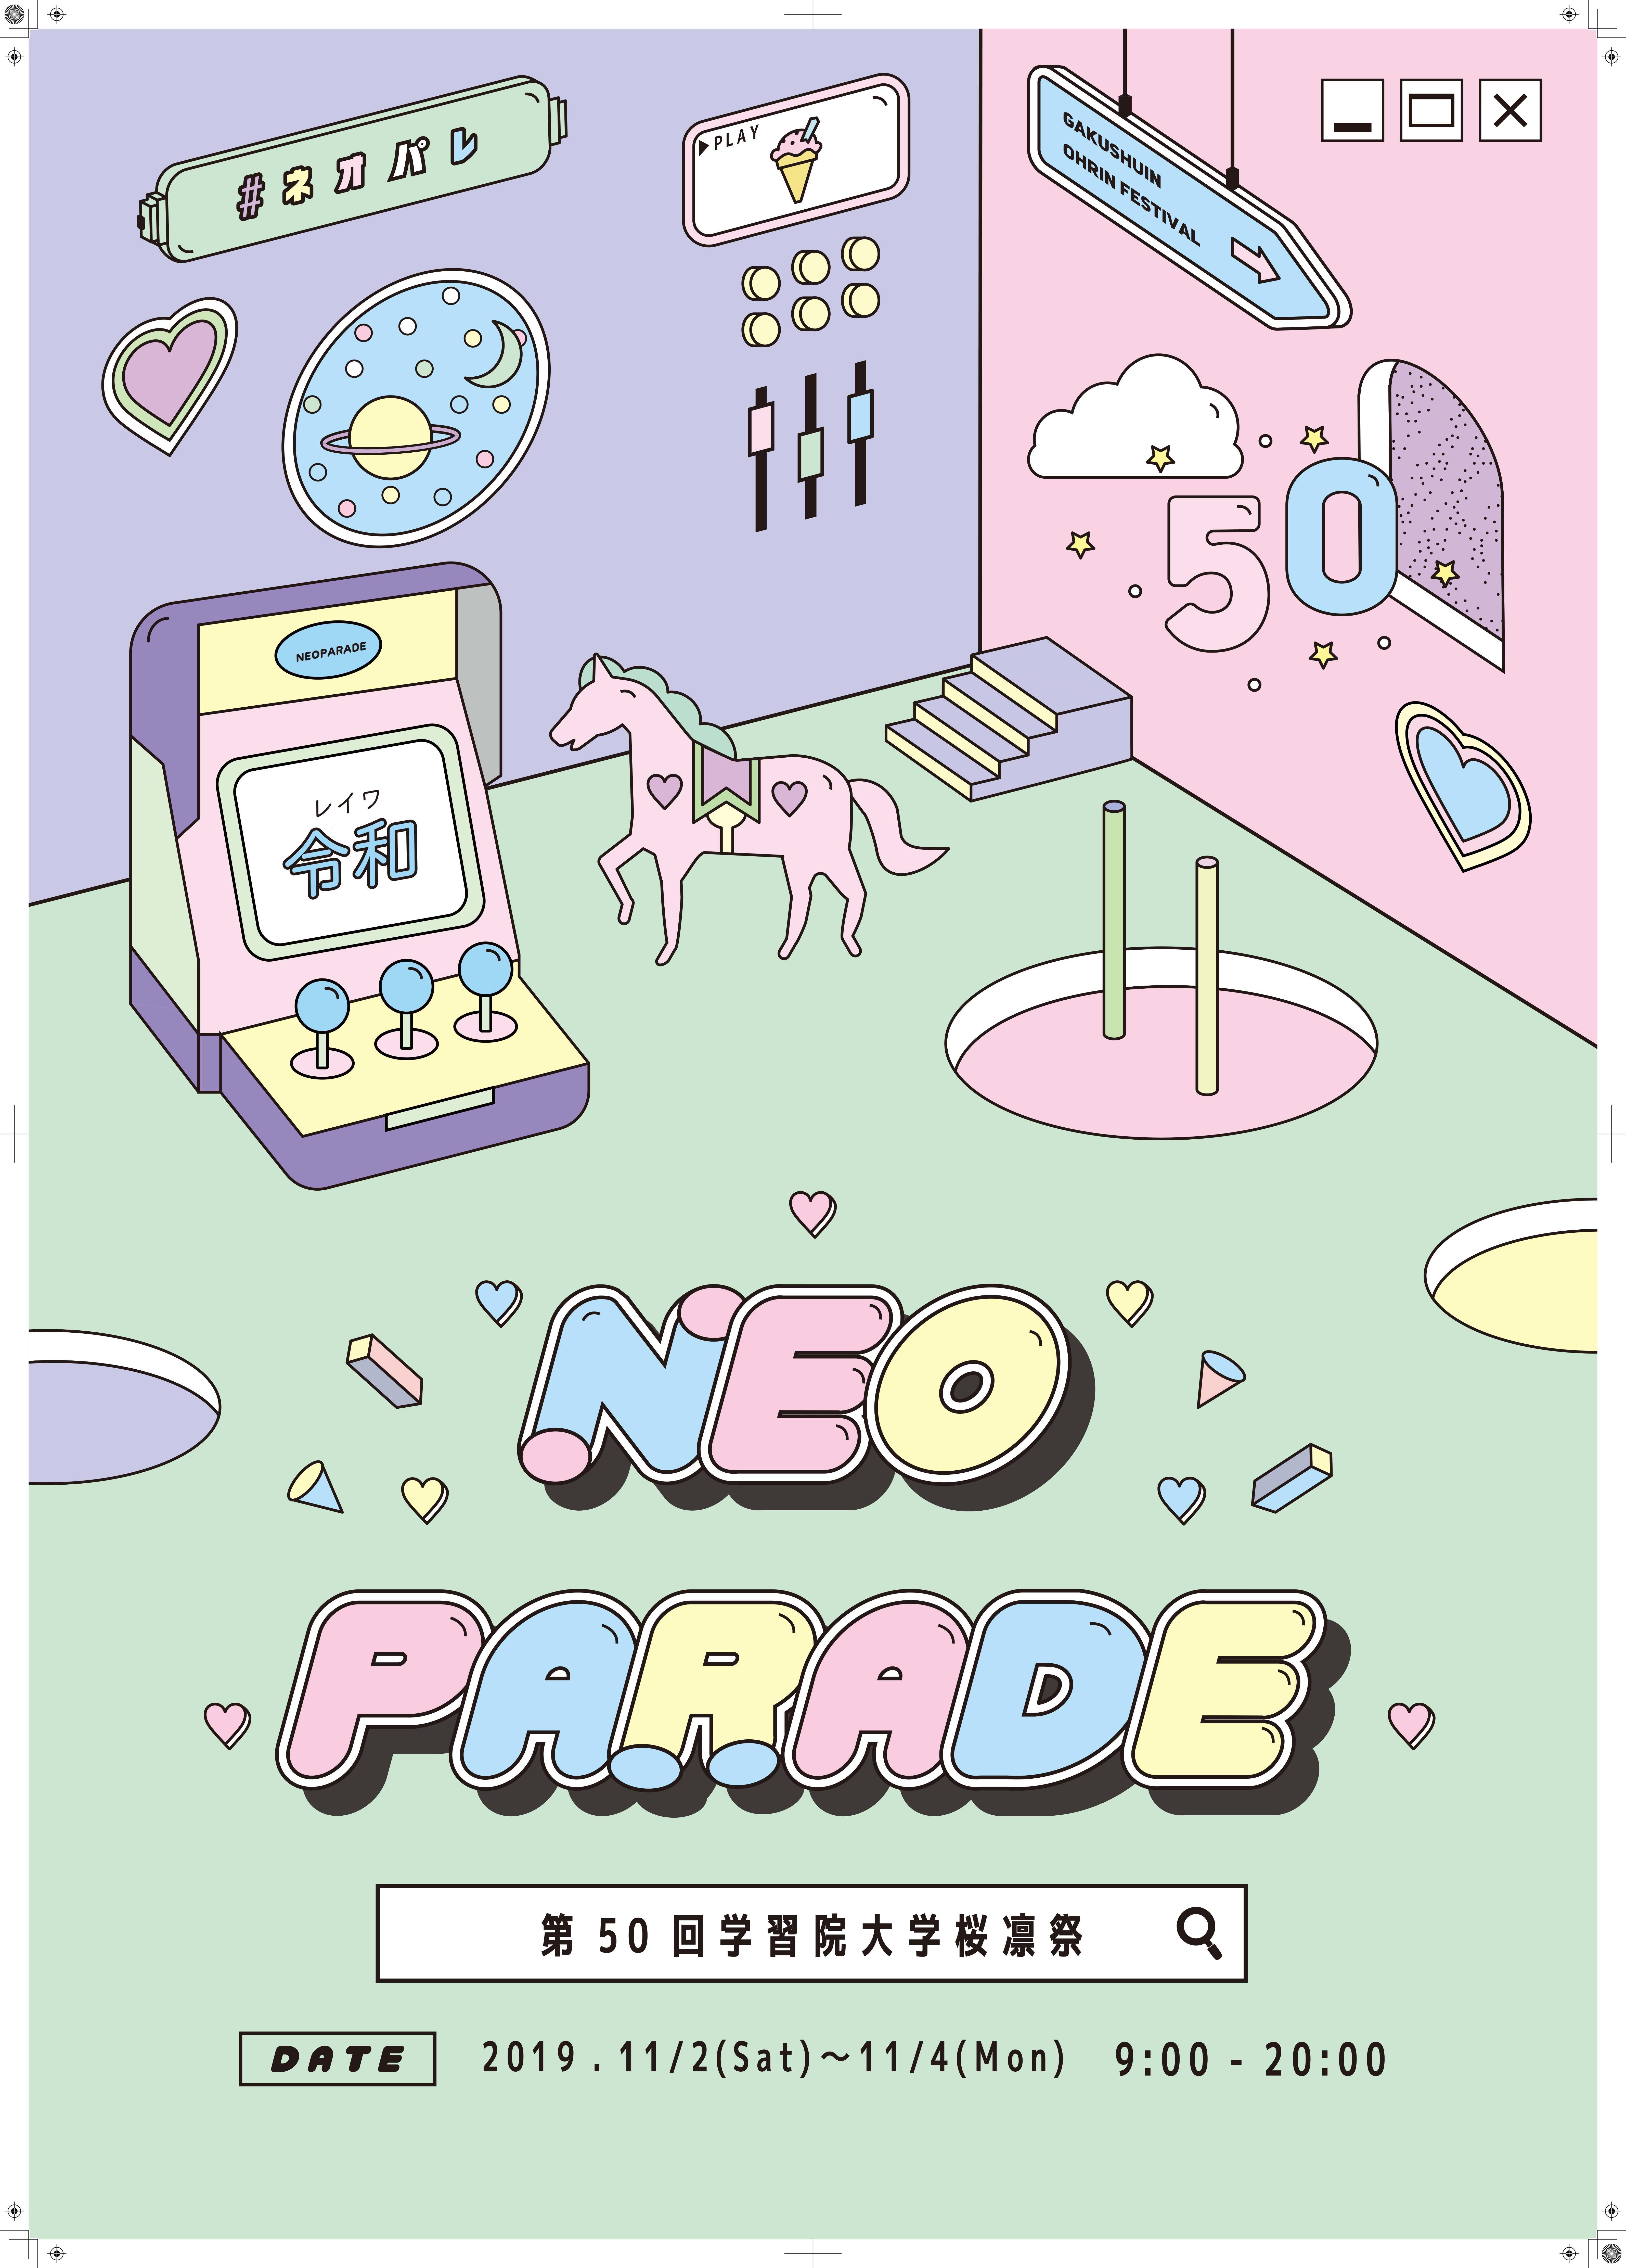 学習院大学が11月2日(土)~4日(月)に「第50回桜凛祭」を開催 -- テーマは「NEO PARADE」